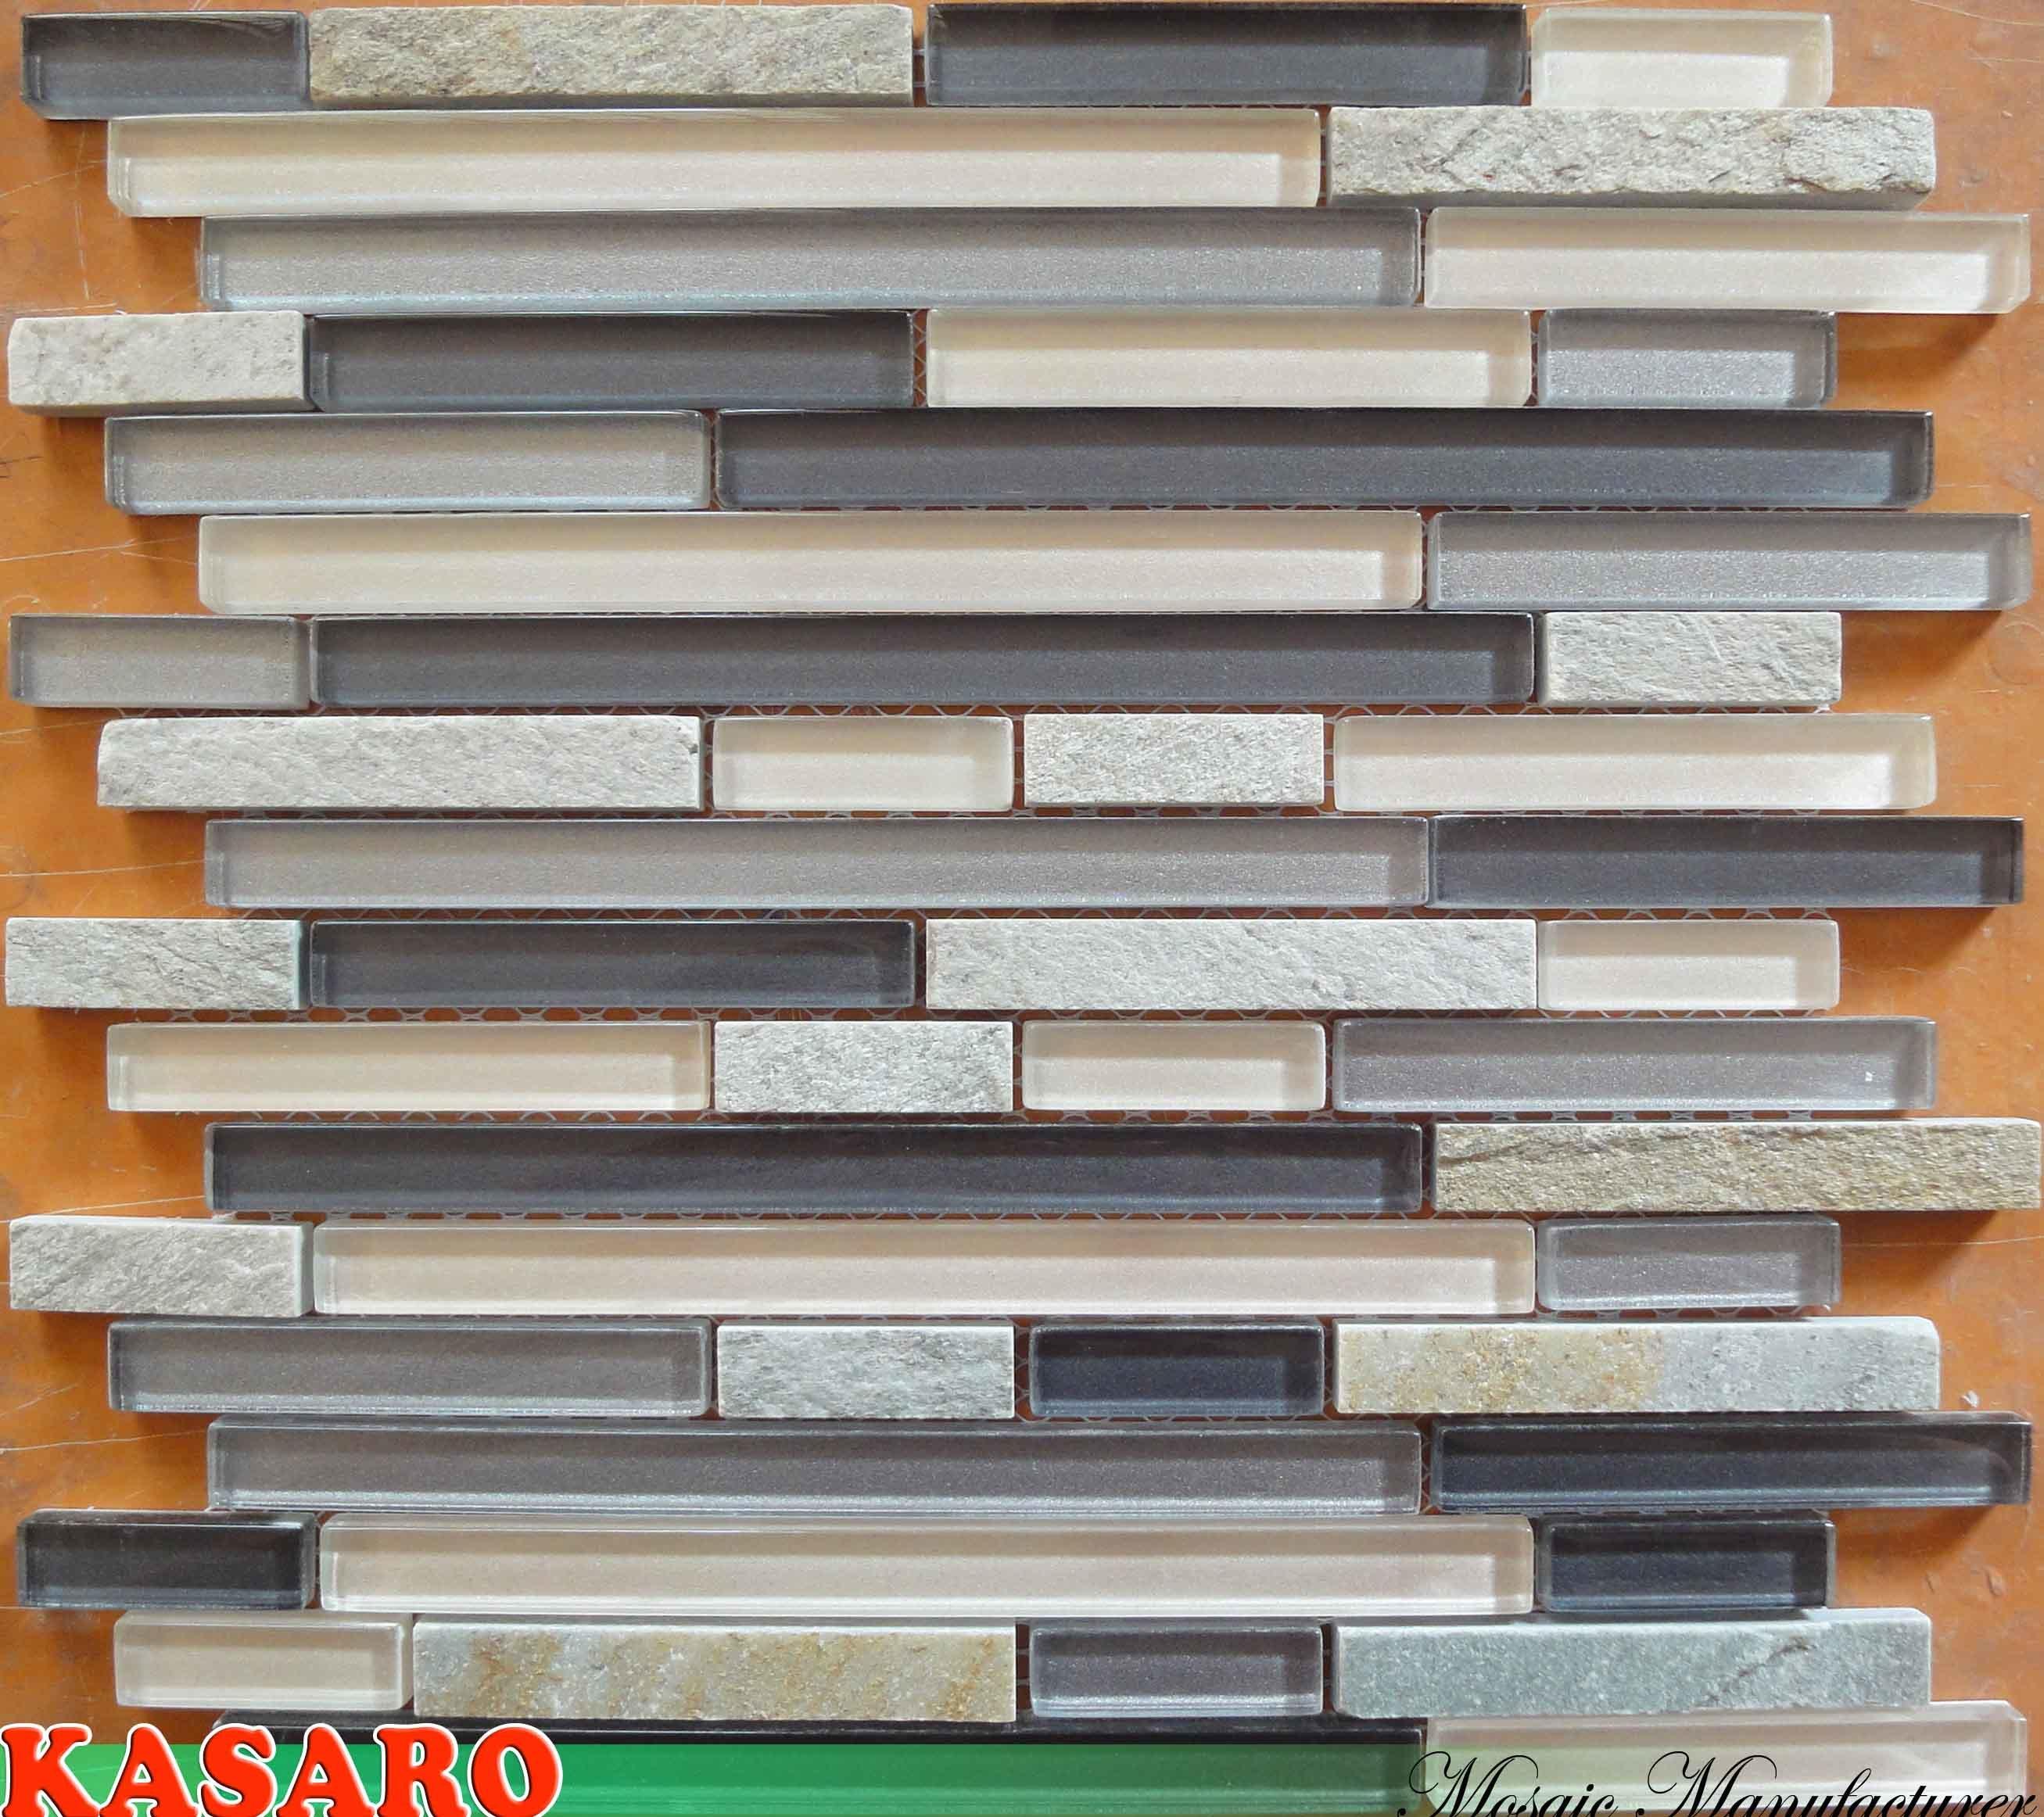 Mattonelle di mosaico di pietra di vetro del nastro mattonelle della parete della cucina - Mosaico per cucina ...